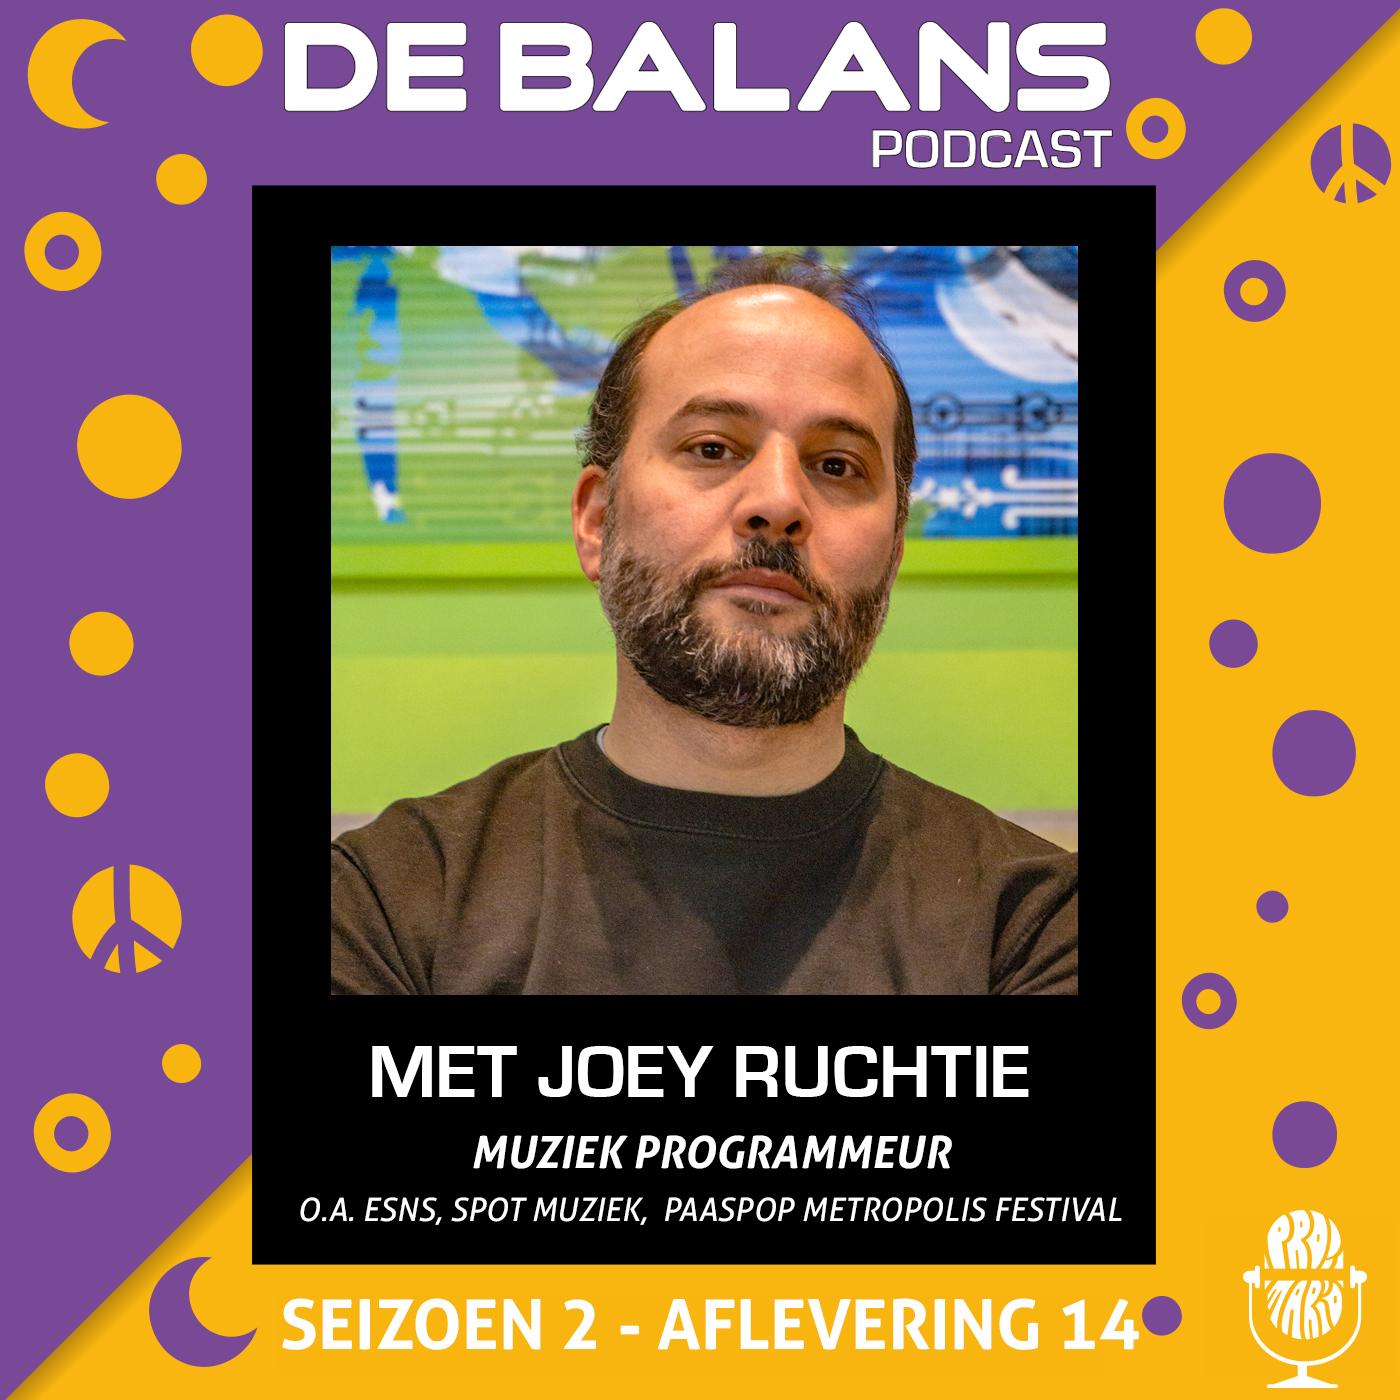 DE BALANS PODCAST – S02E14 MET JOEY RUCHTIE OVER MUZIEK EVENEMENTEN/PROGRAMMERING